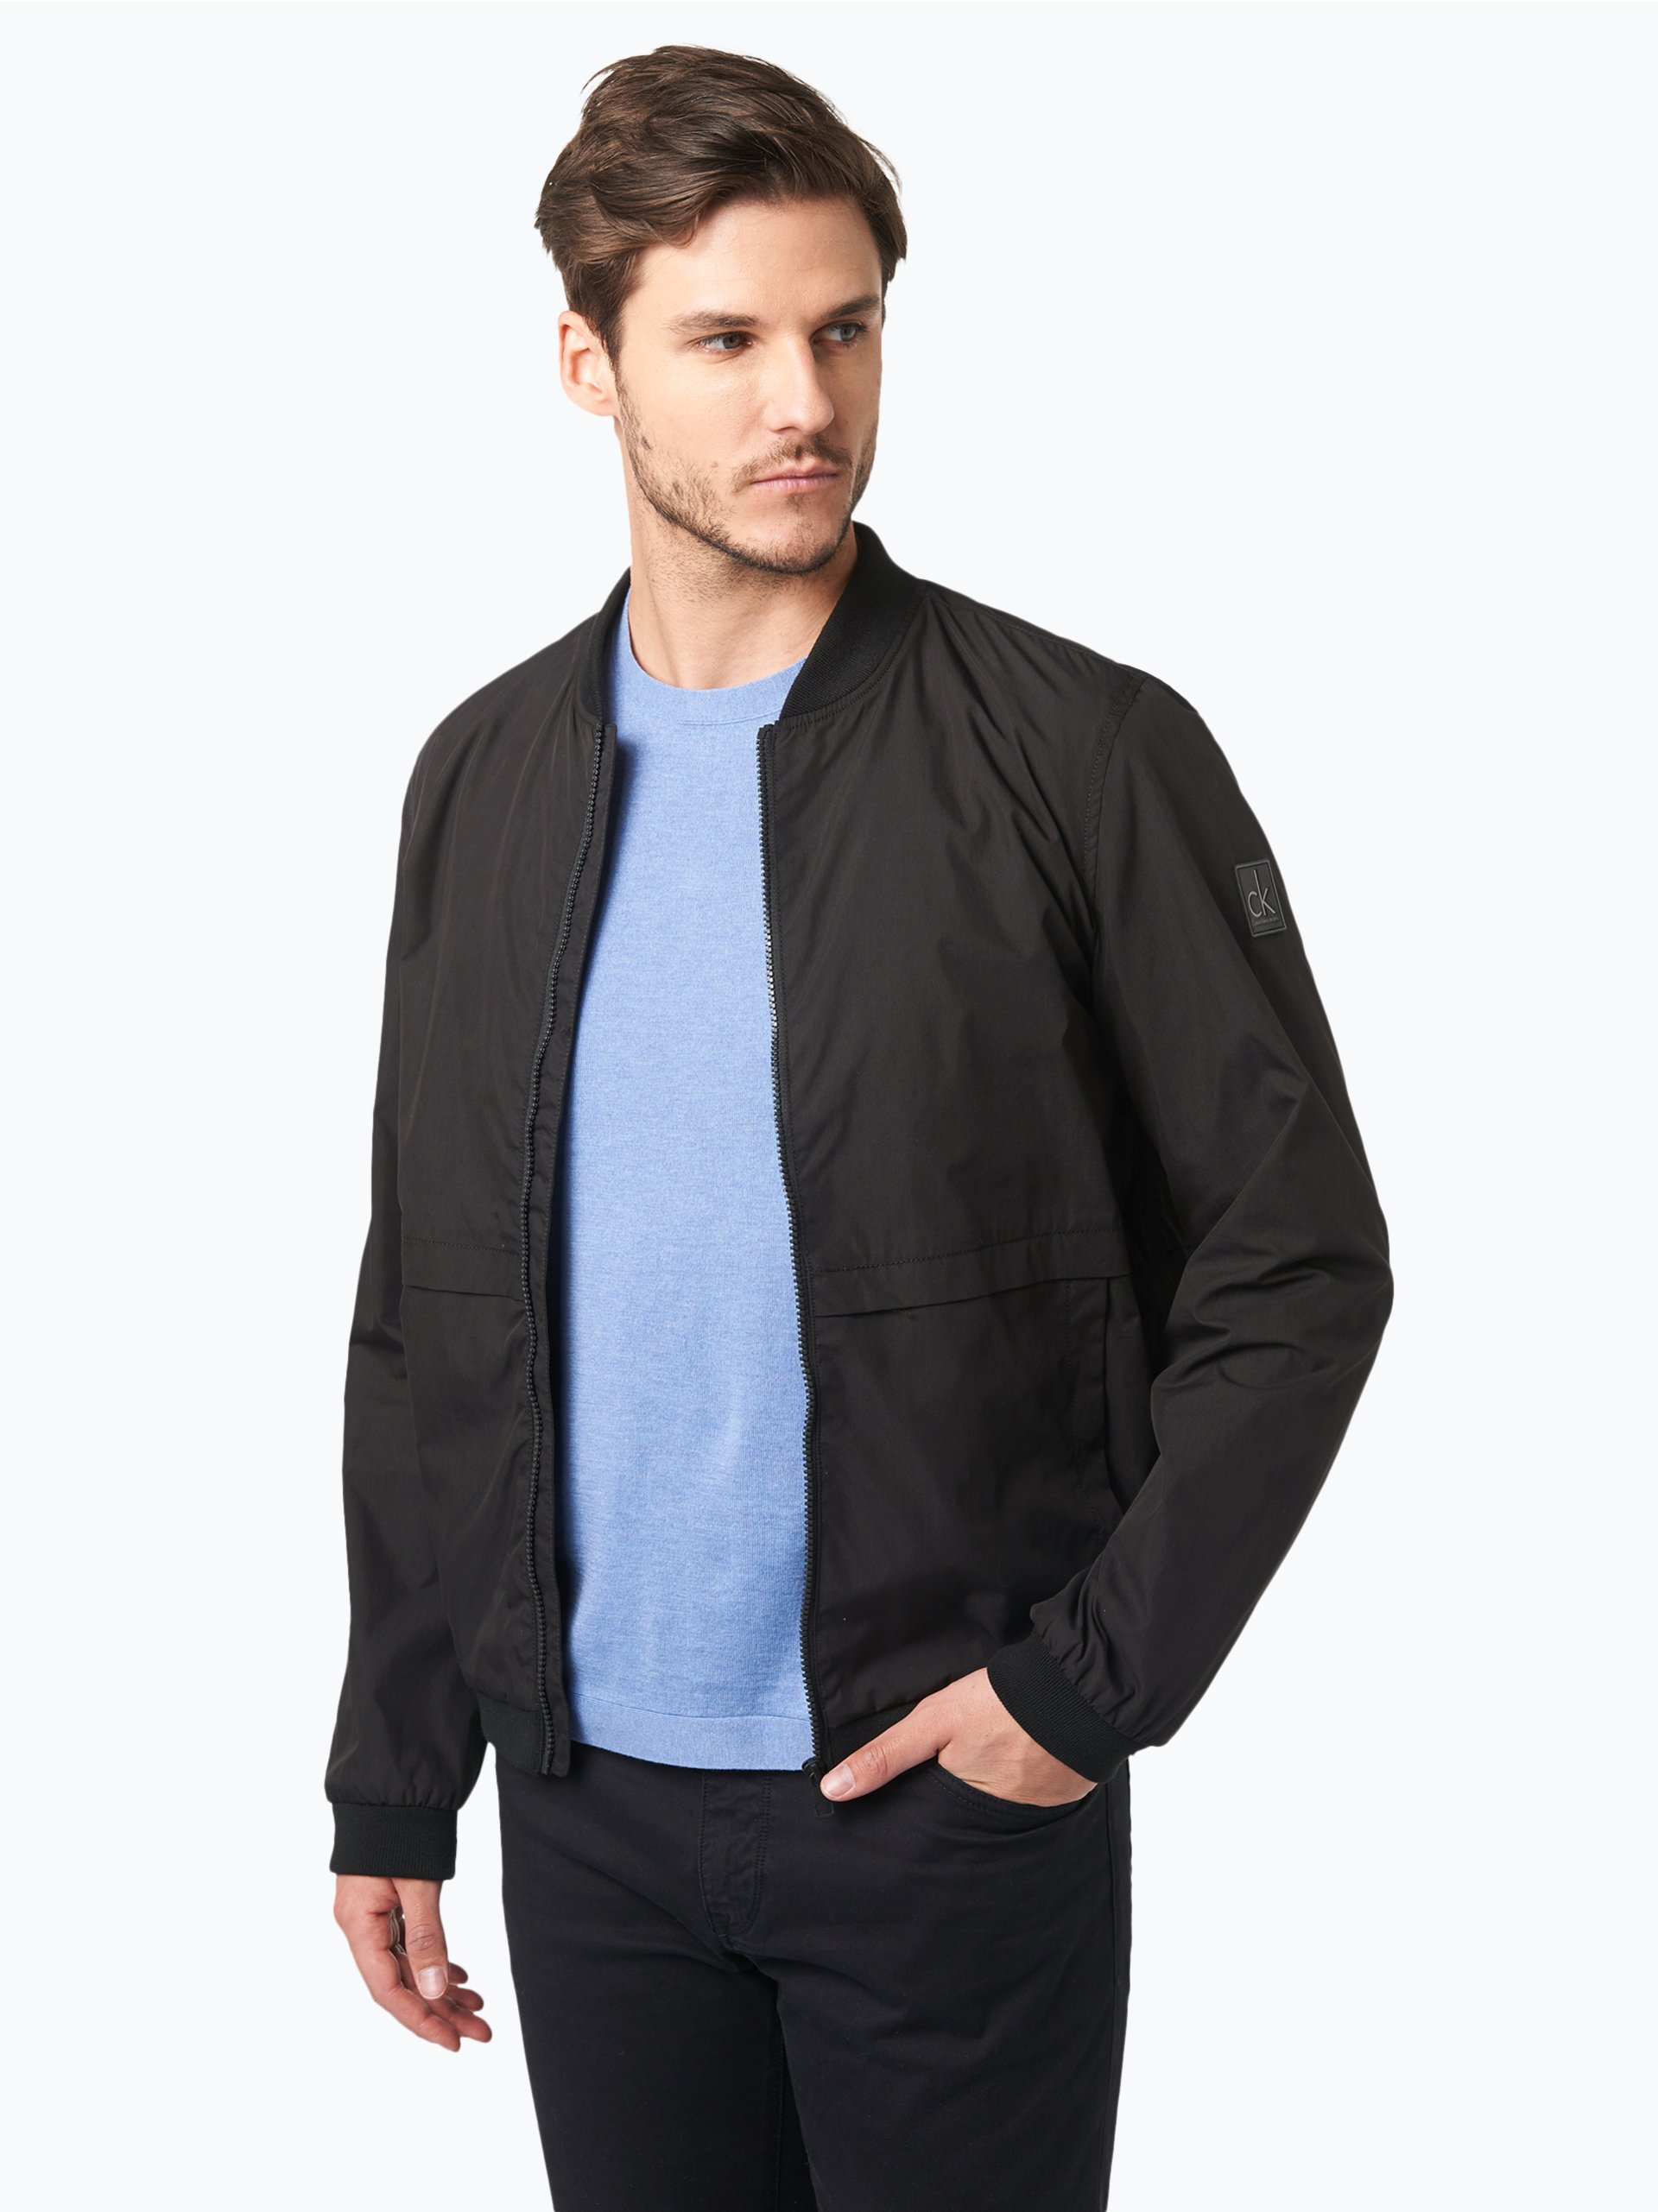 calvin klein jeans herren jacke schwarz uni online kaufen. Black Bedroom Furniture Sets. Home Design Ideas